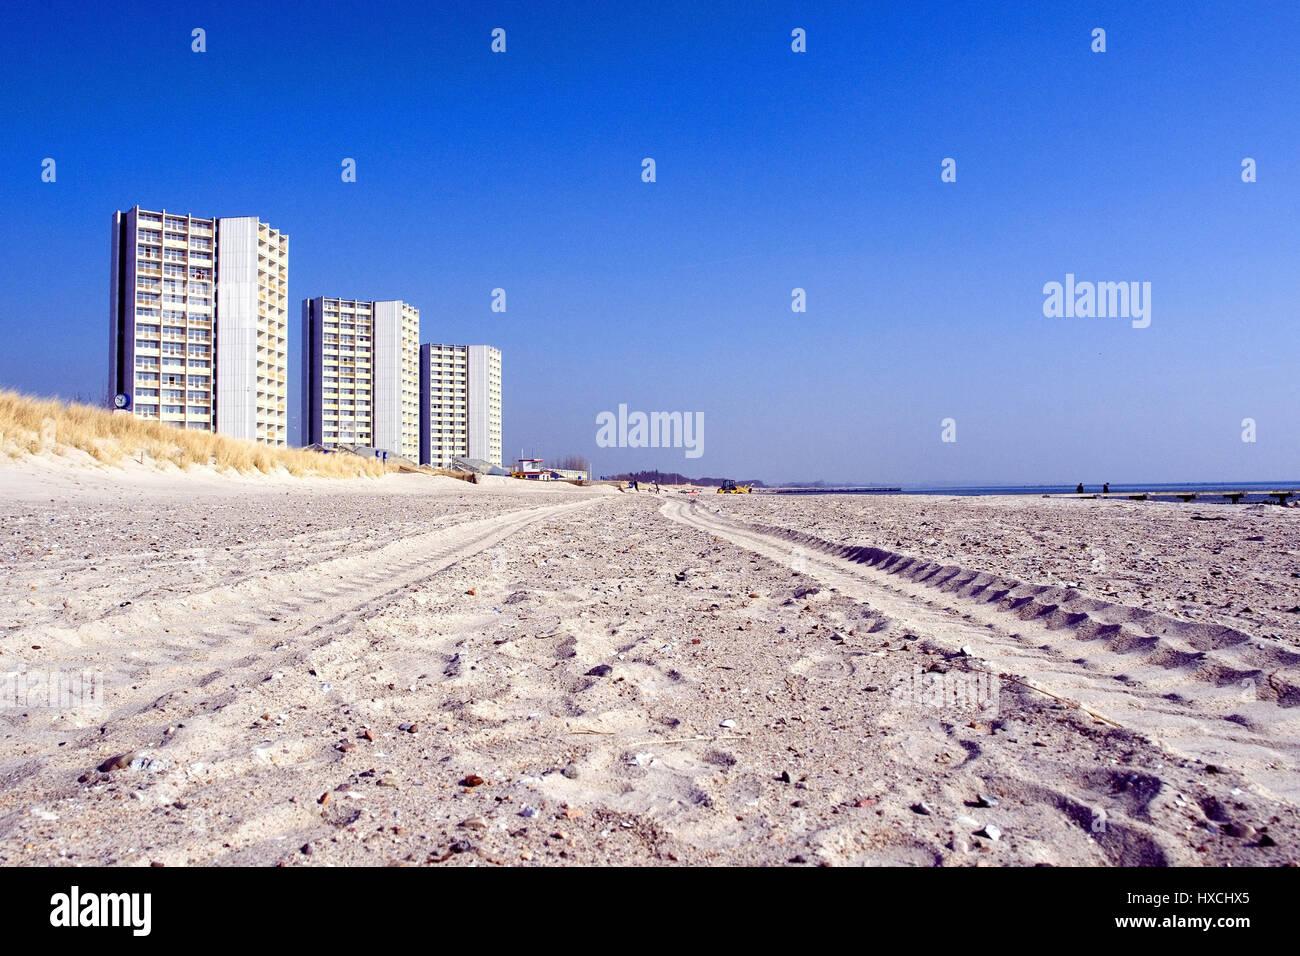 Ferienwohnungen am Strand von Fehmarn, Ferienwohnungen bin Strand von Fehmarn Stockbild